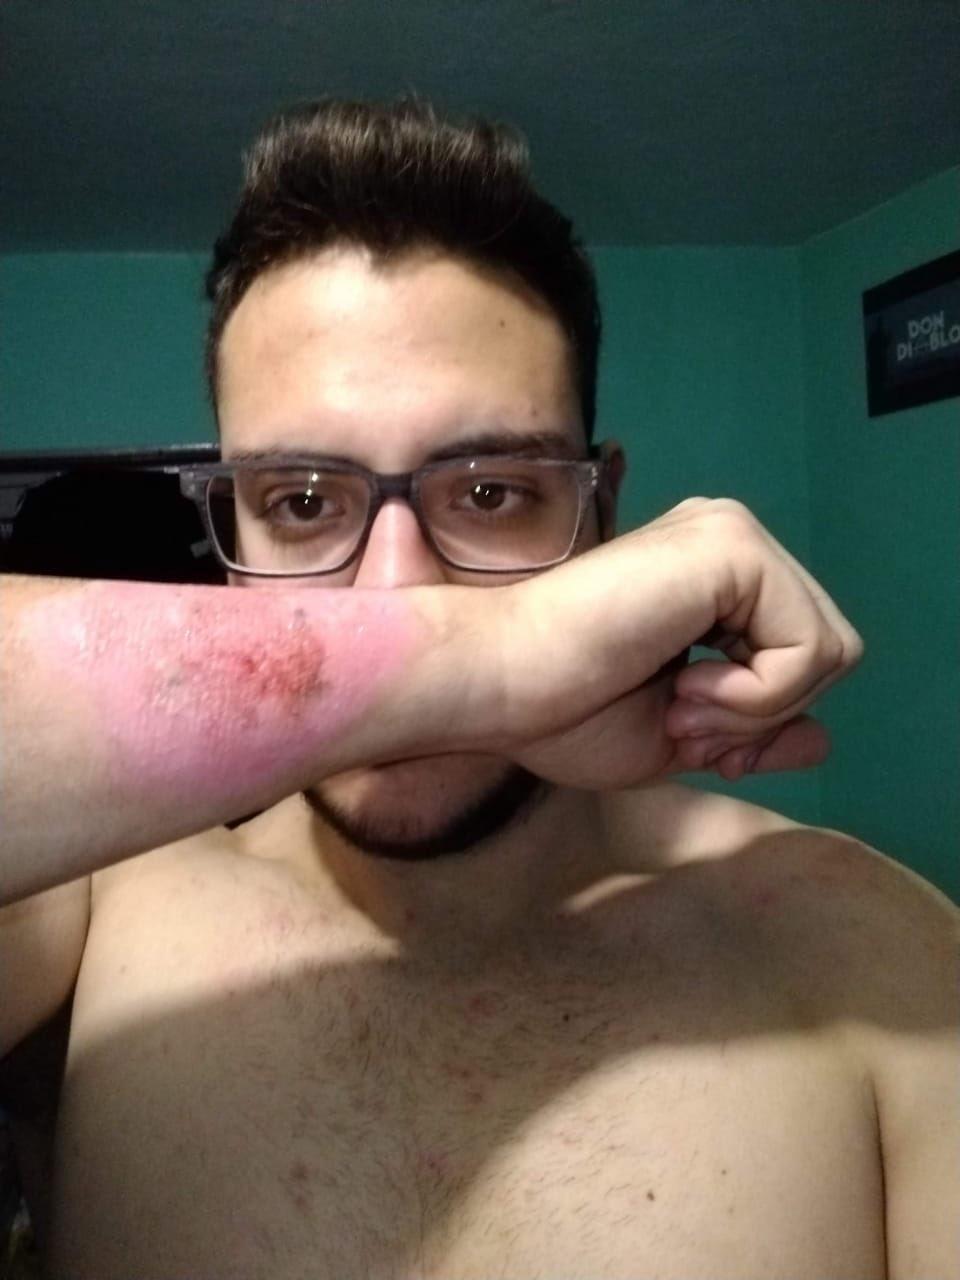 Tatuagem Argentino Usa Ralador De Queijo Para Remover